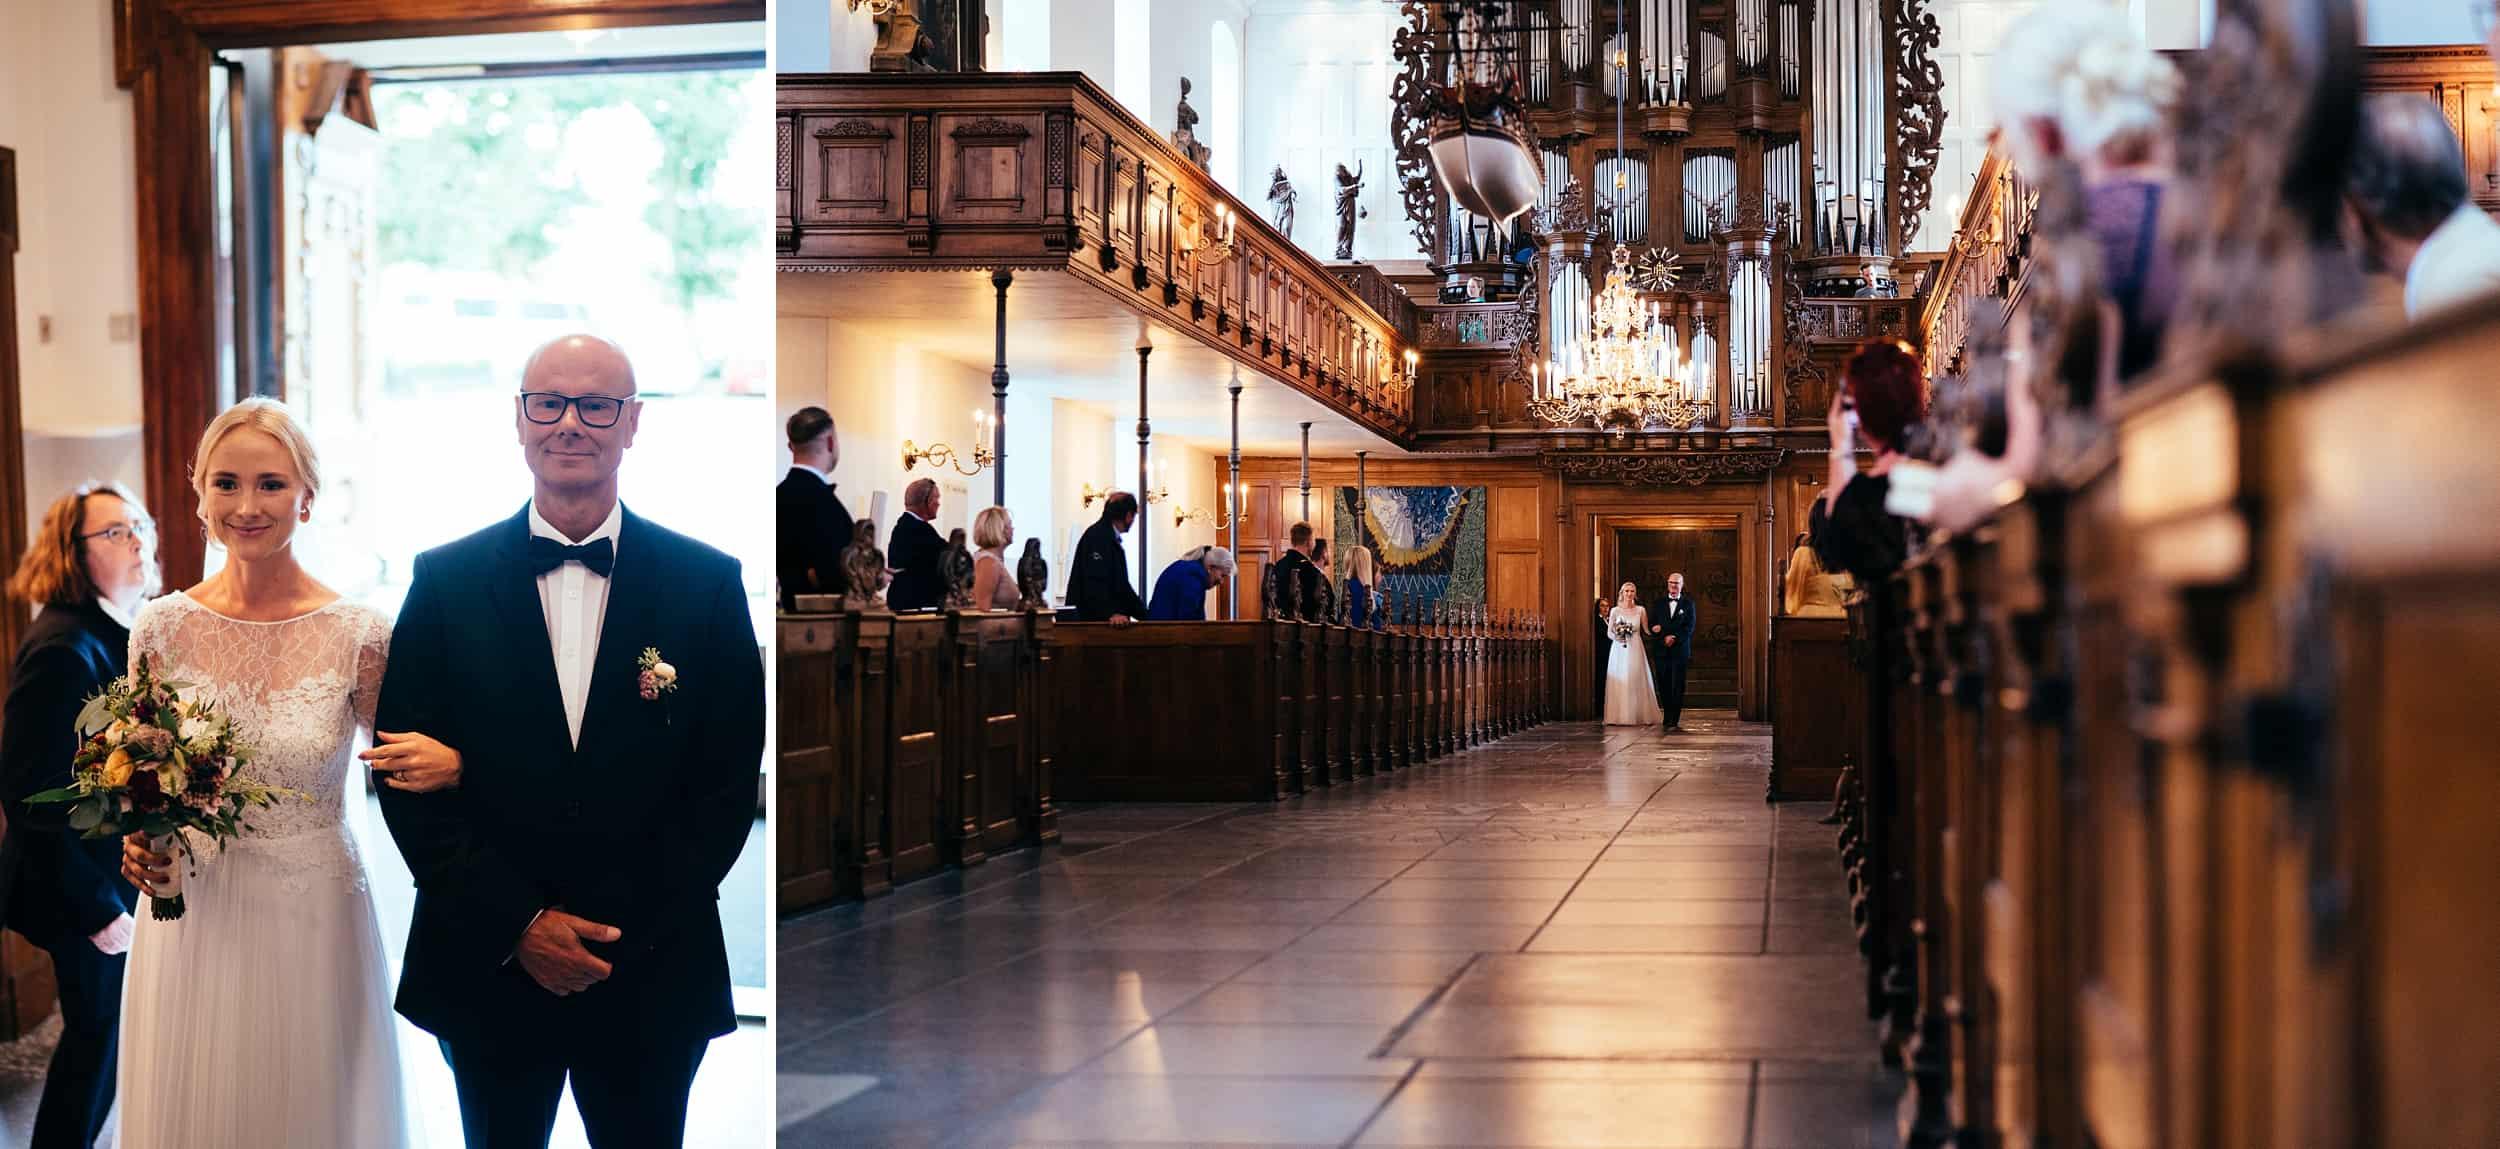 brud-ankommer-i-holmens-kirke-københavn.jpg